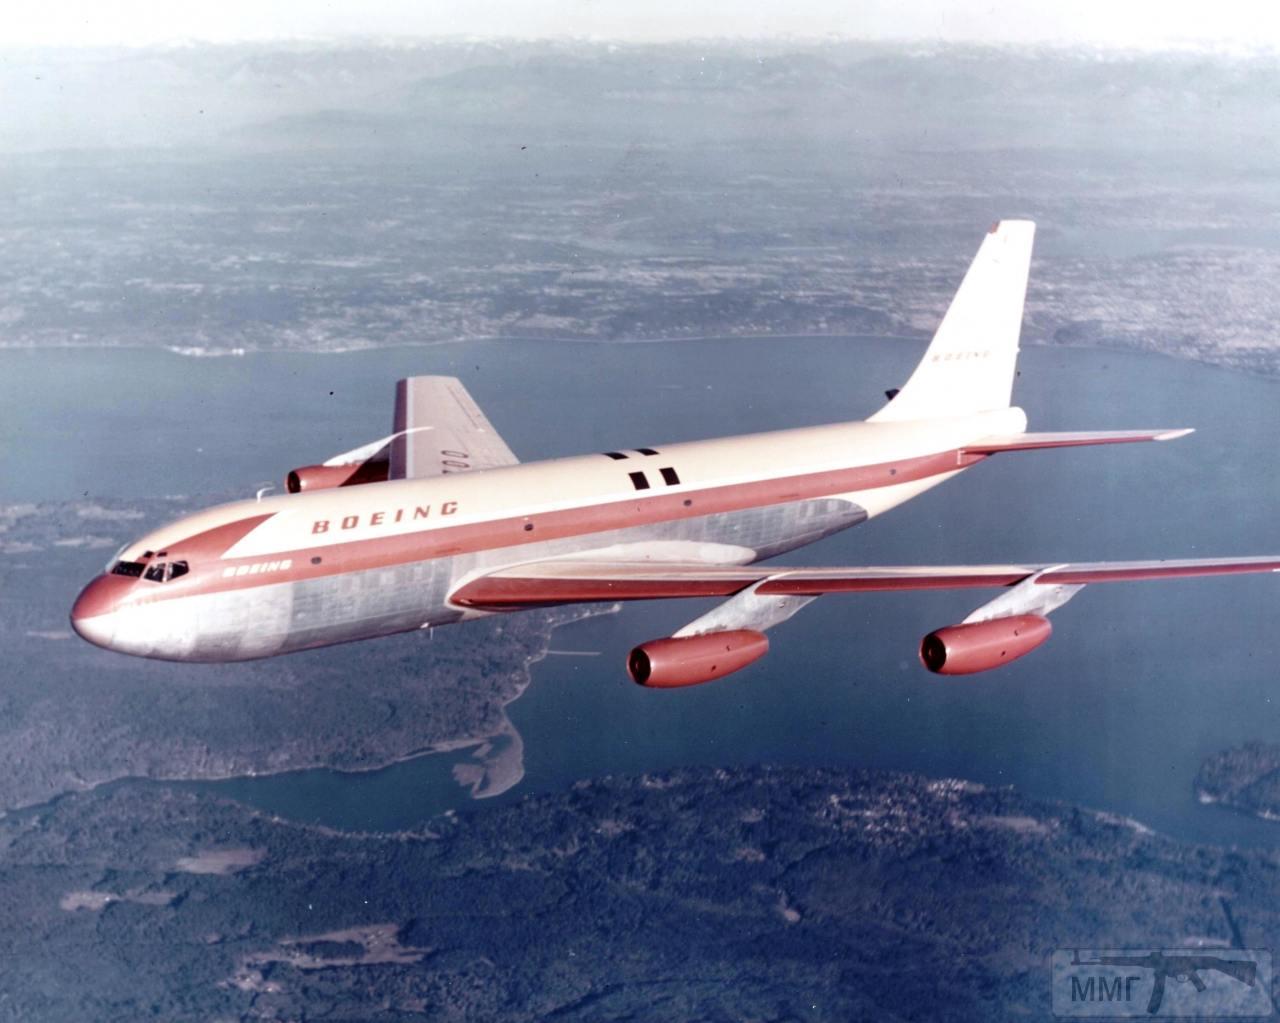 65418 - Фотографии гражданских летательных аппаратов